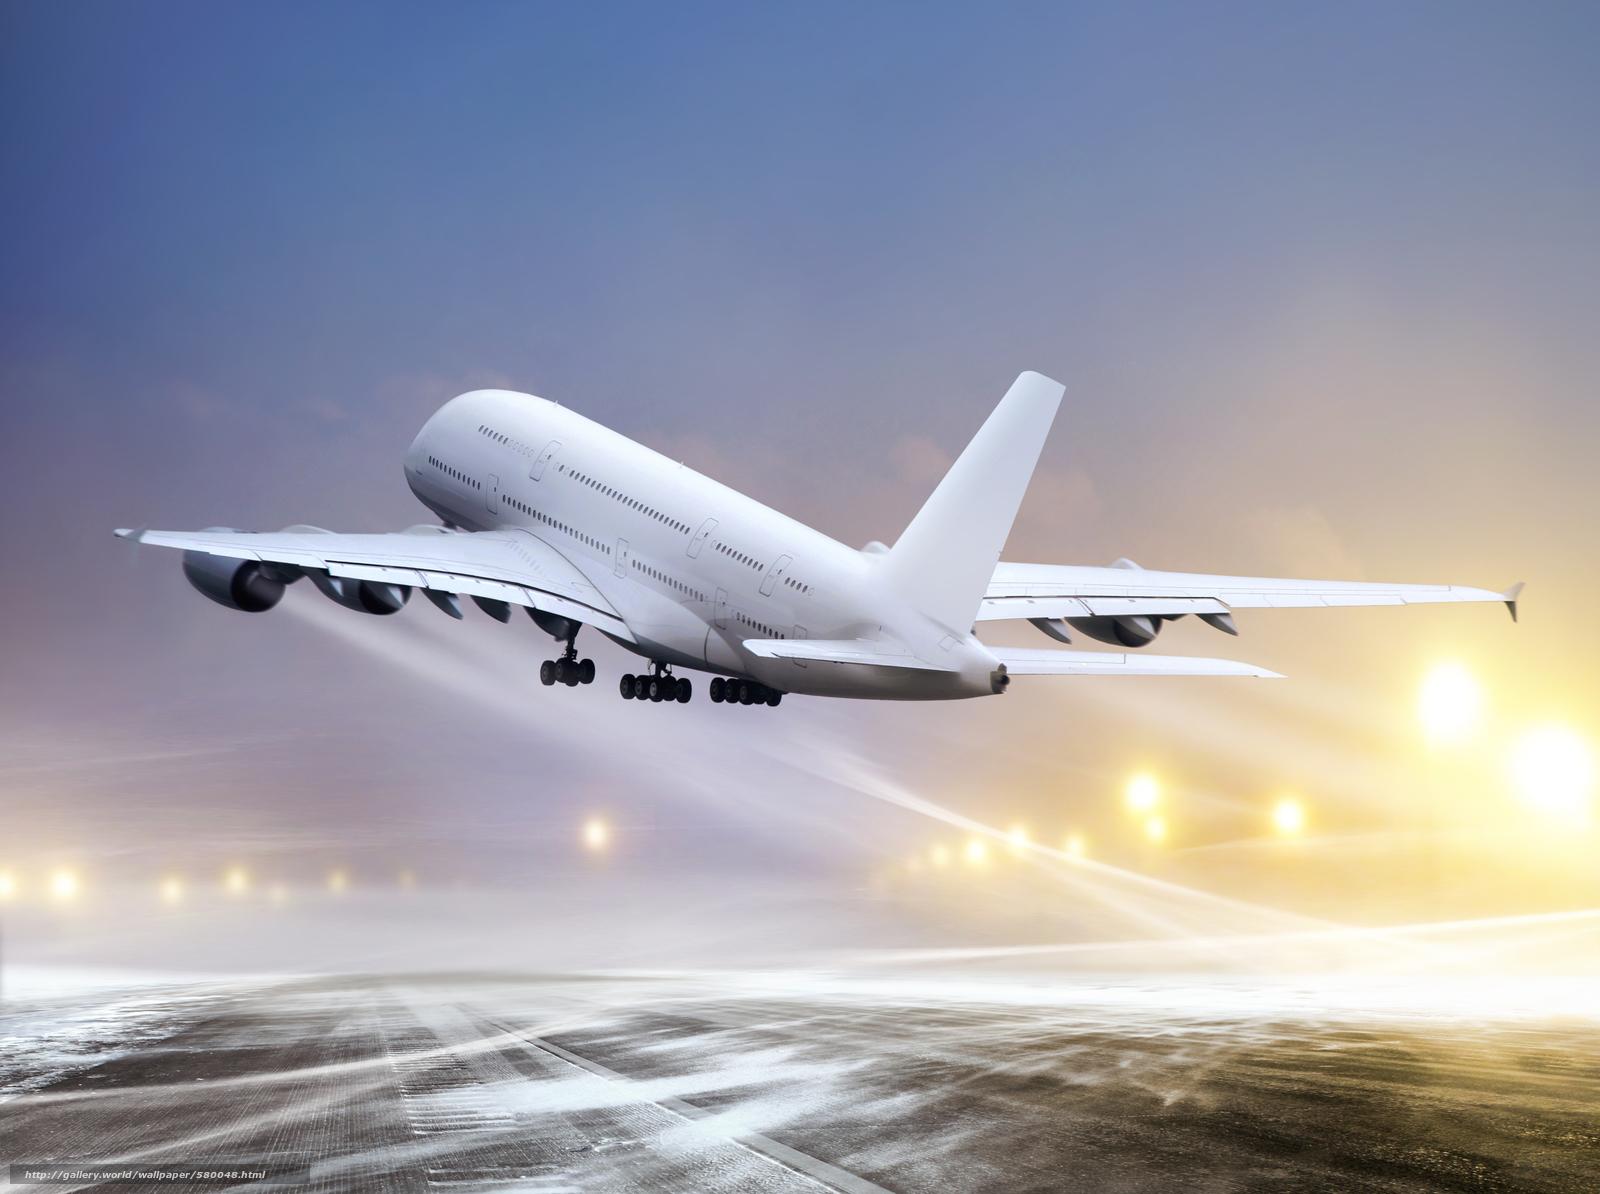 самолет взлет фото снегу анимация гиф